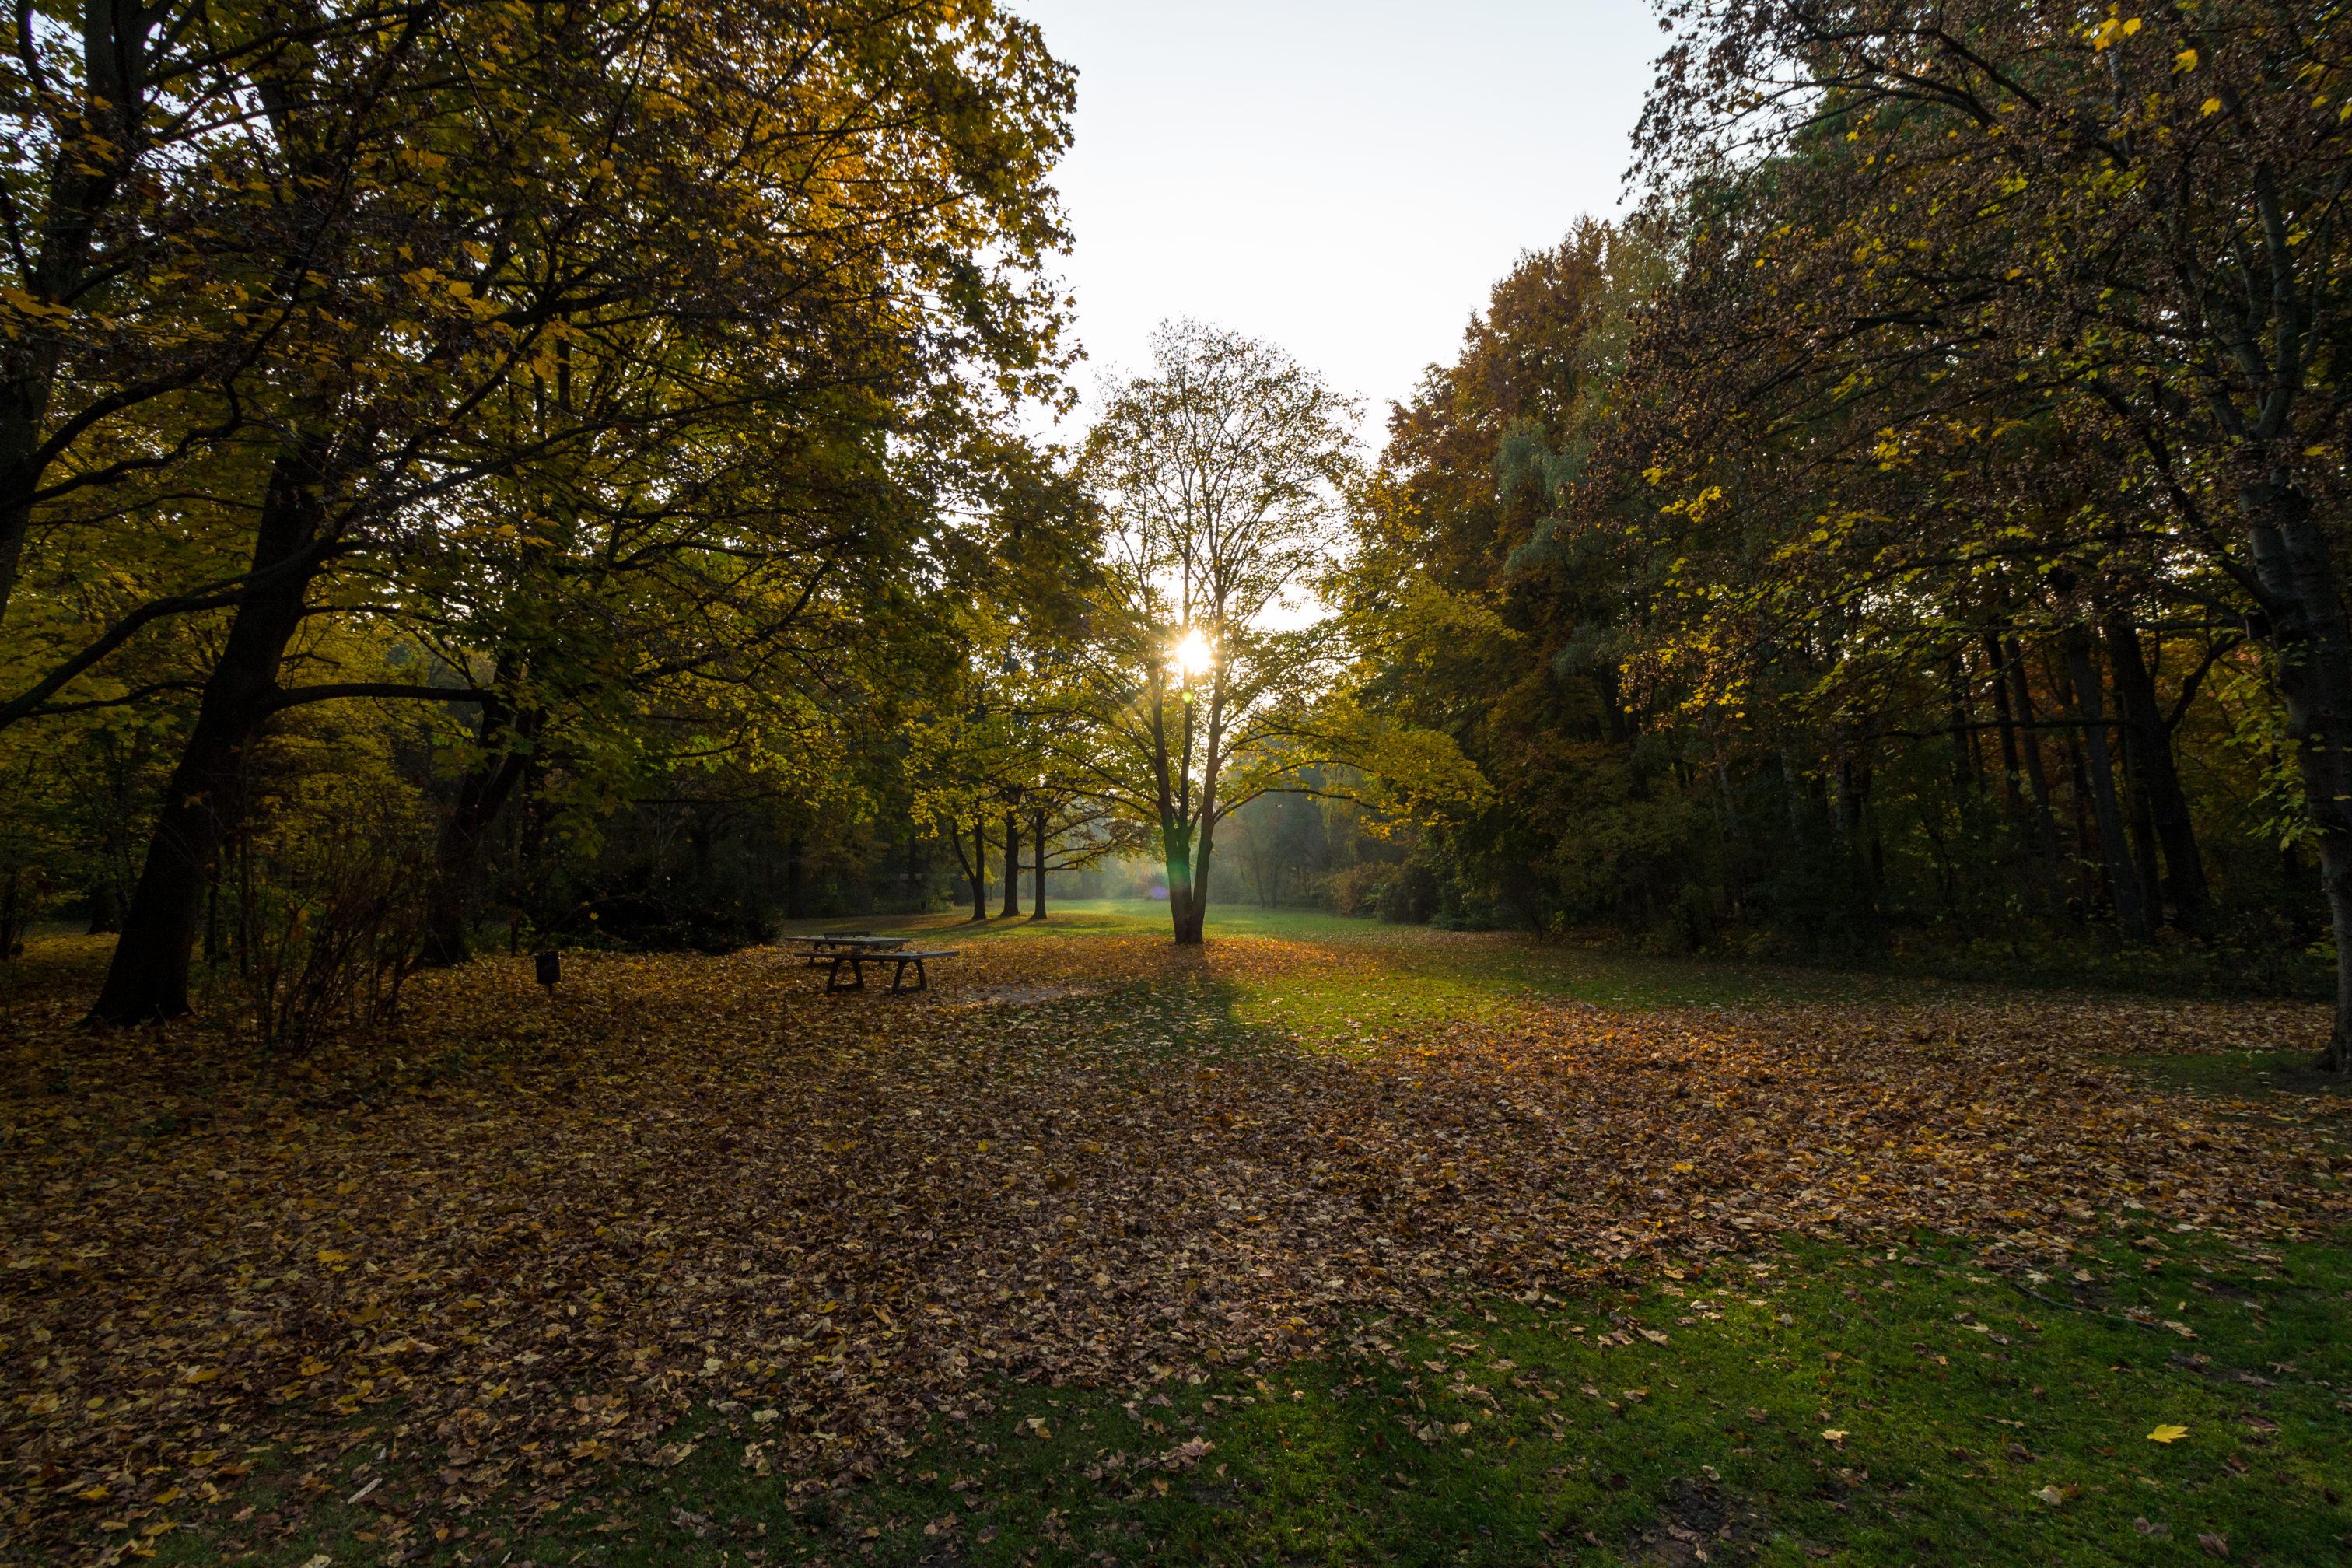 Natürlich lassen sich auch in der Stadt Herbstbilder aufnehmen, hier in Berlin